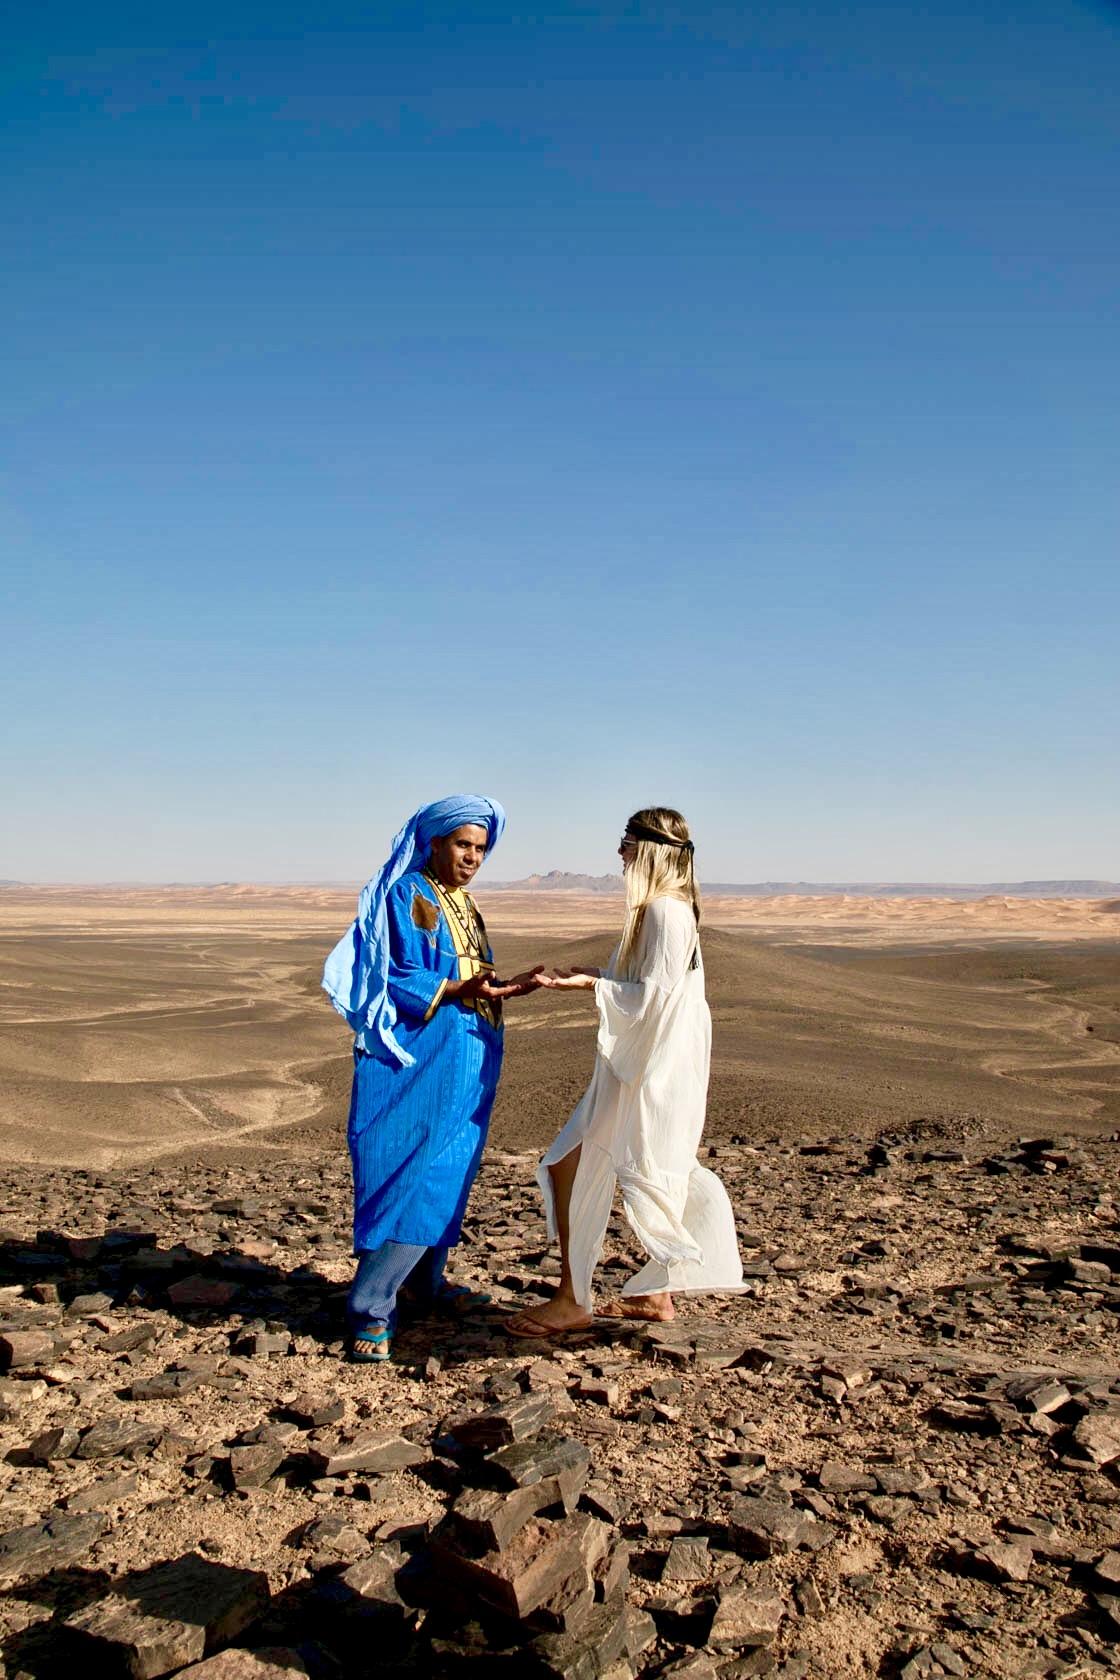 Consciously Connected Travel - Merzouga Desert, Morocco